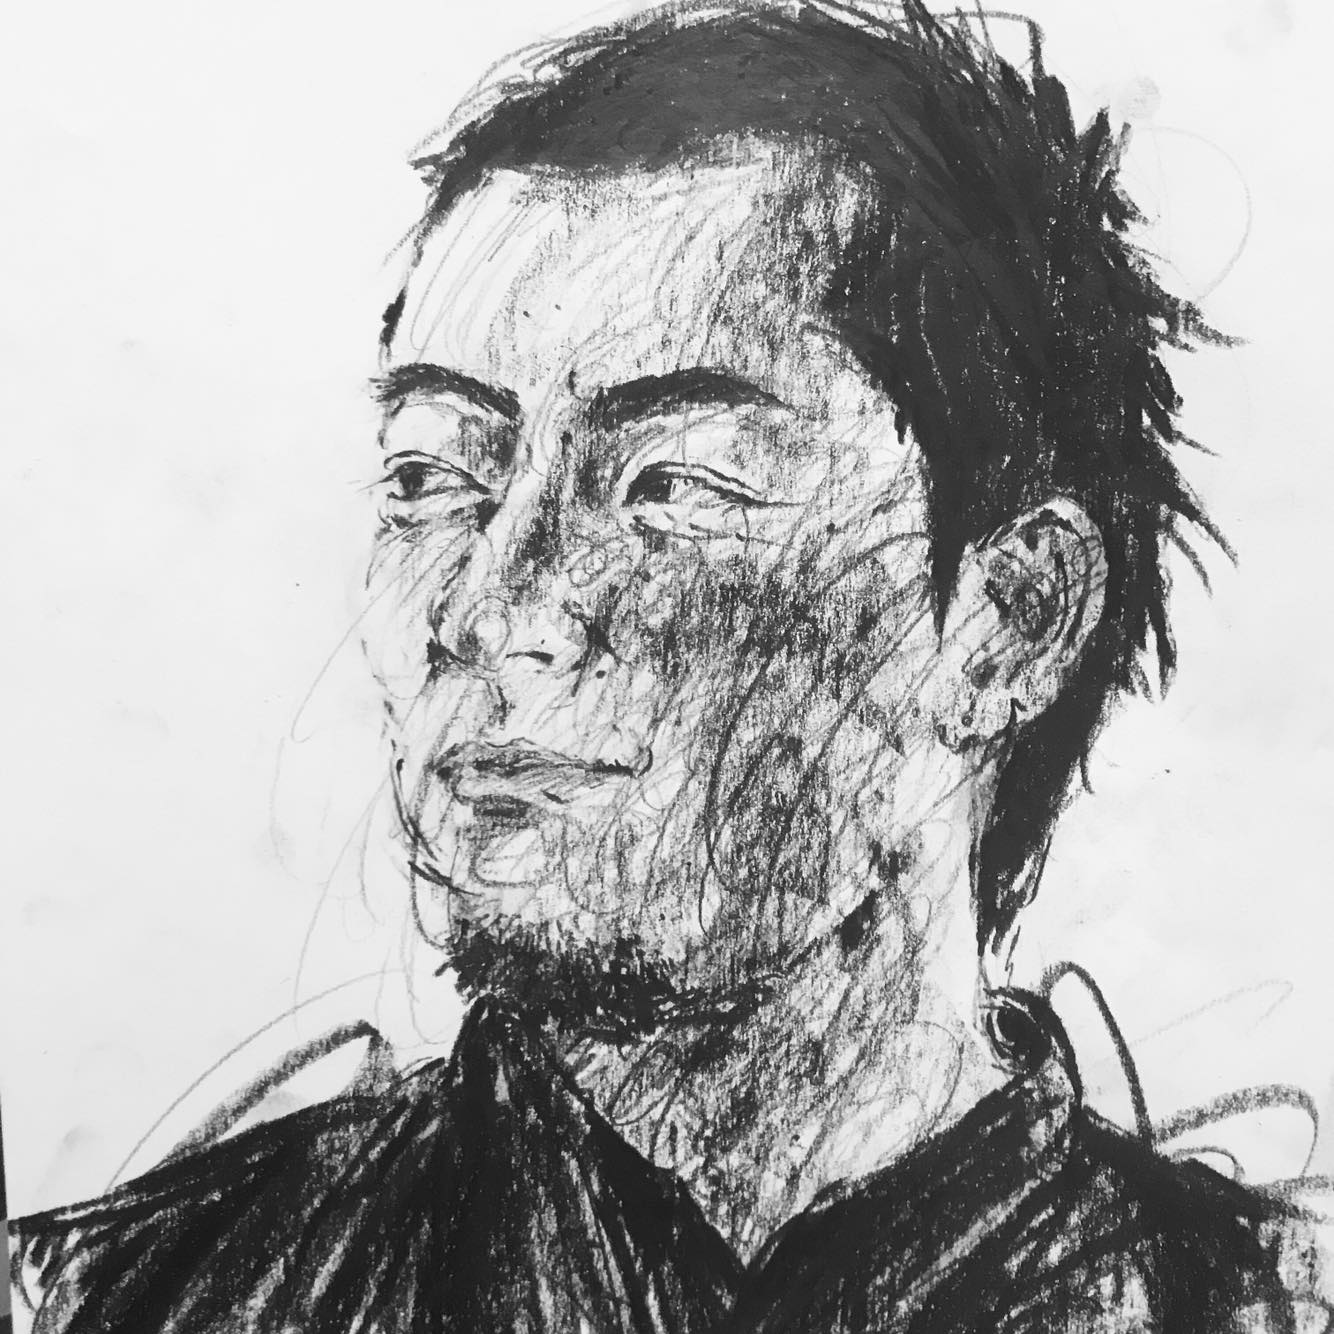 KIRA/Ryo Yoshihashi